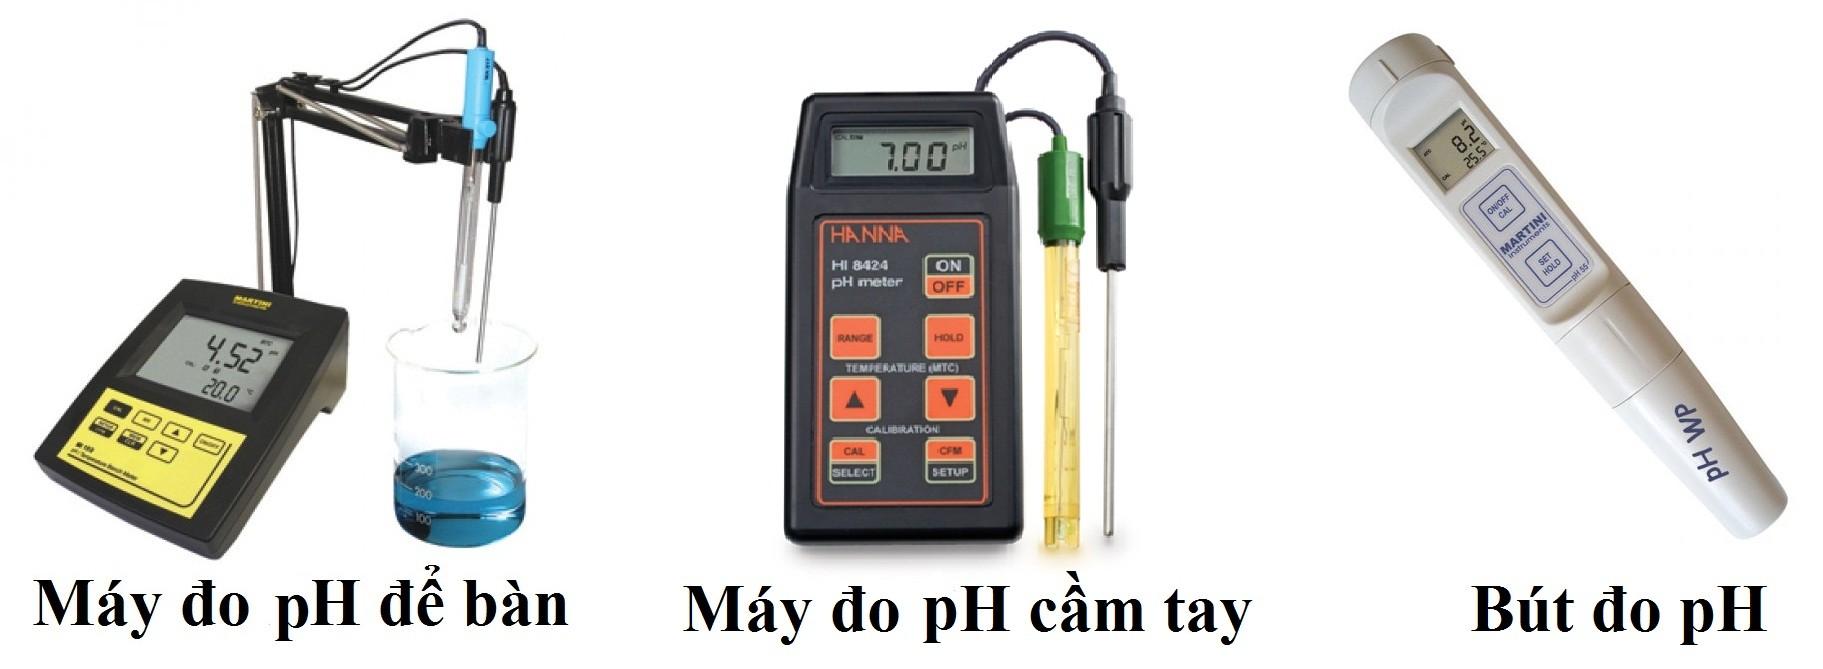 Một số loại máy đo độ pH tại LabVIETCHEM